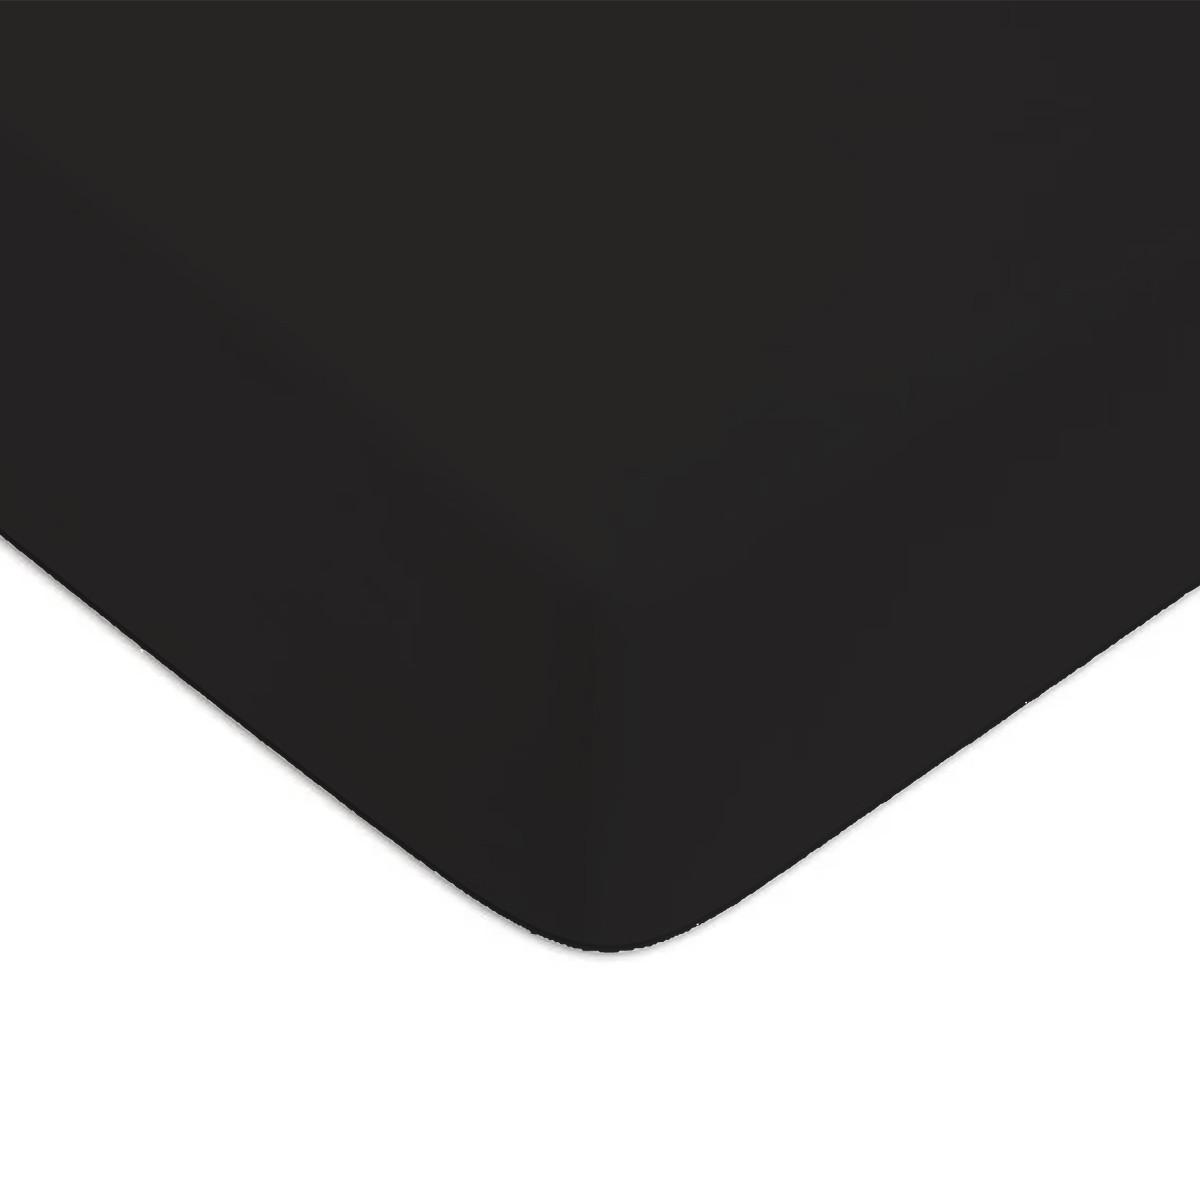 Noir 90x200cm 57 fils